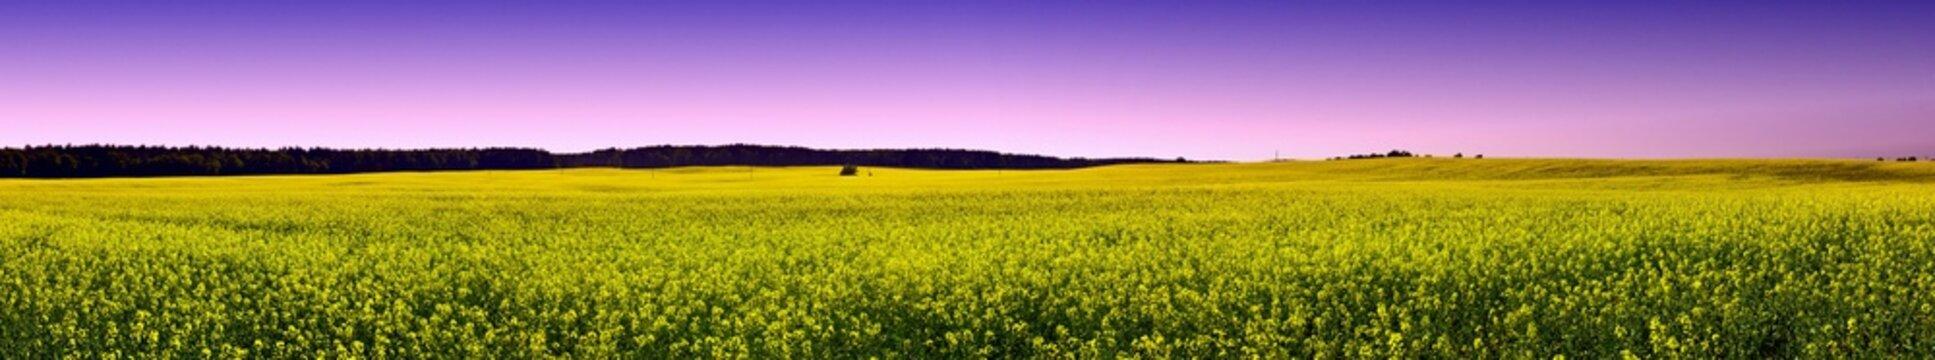 Rapsfeld im Frühling - Panorama